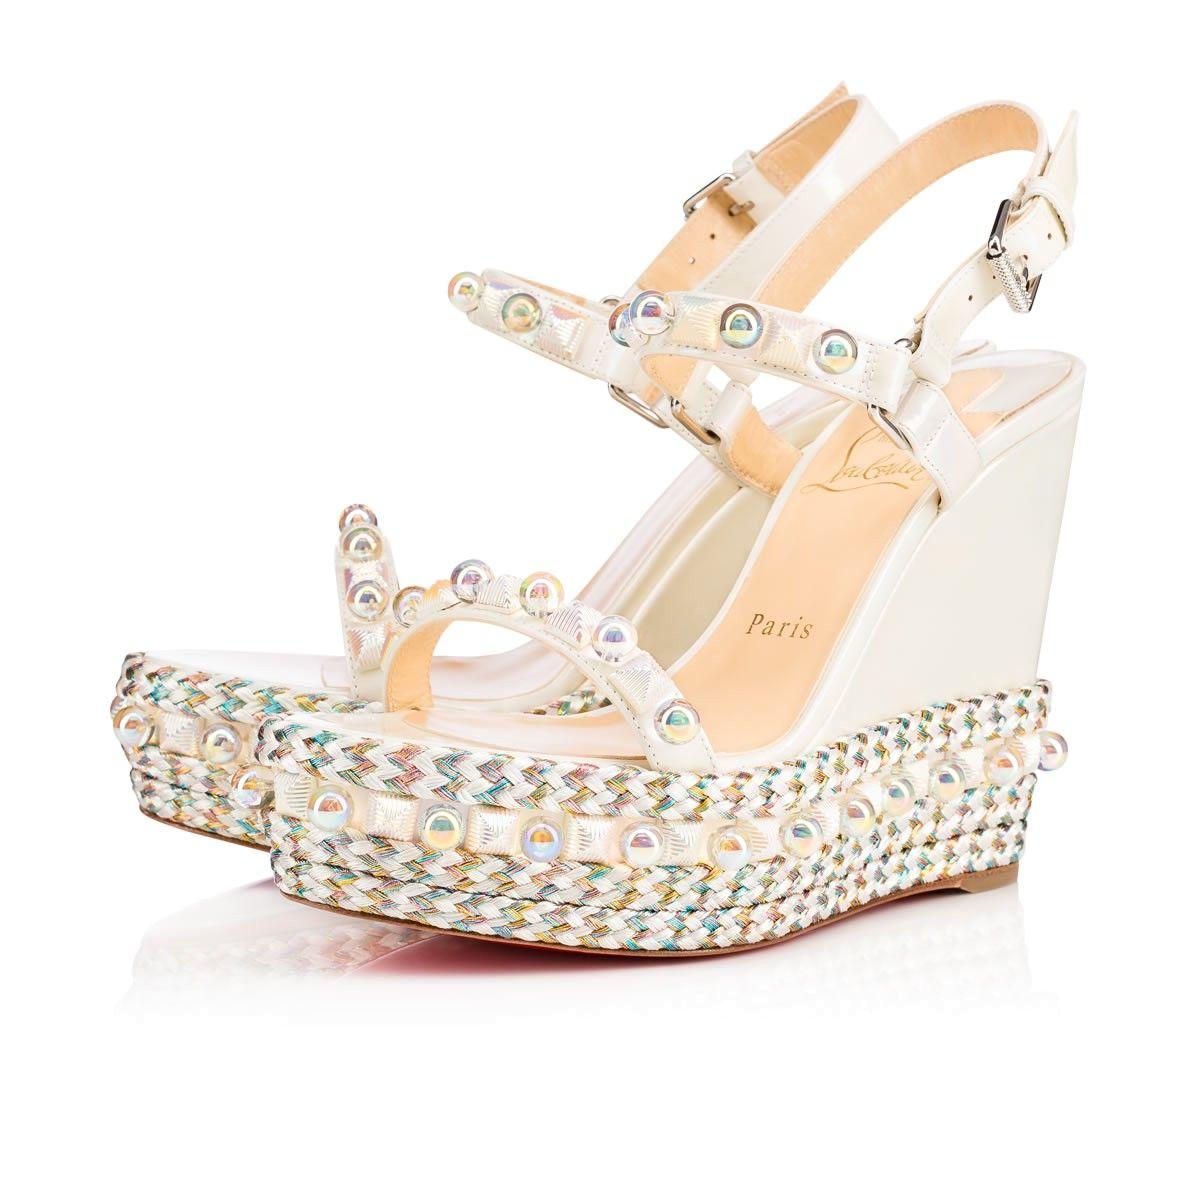 72784c7b380 CHRISTIAN LOUBOUTIN CATACONICO PATENT 120 Aurore Boréale Patent calfskin -  Women Shoes - Christian Louboutin.  christianlouboutin  shoes